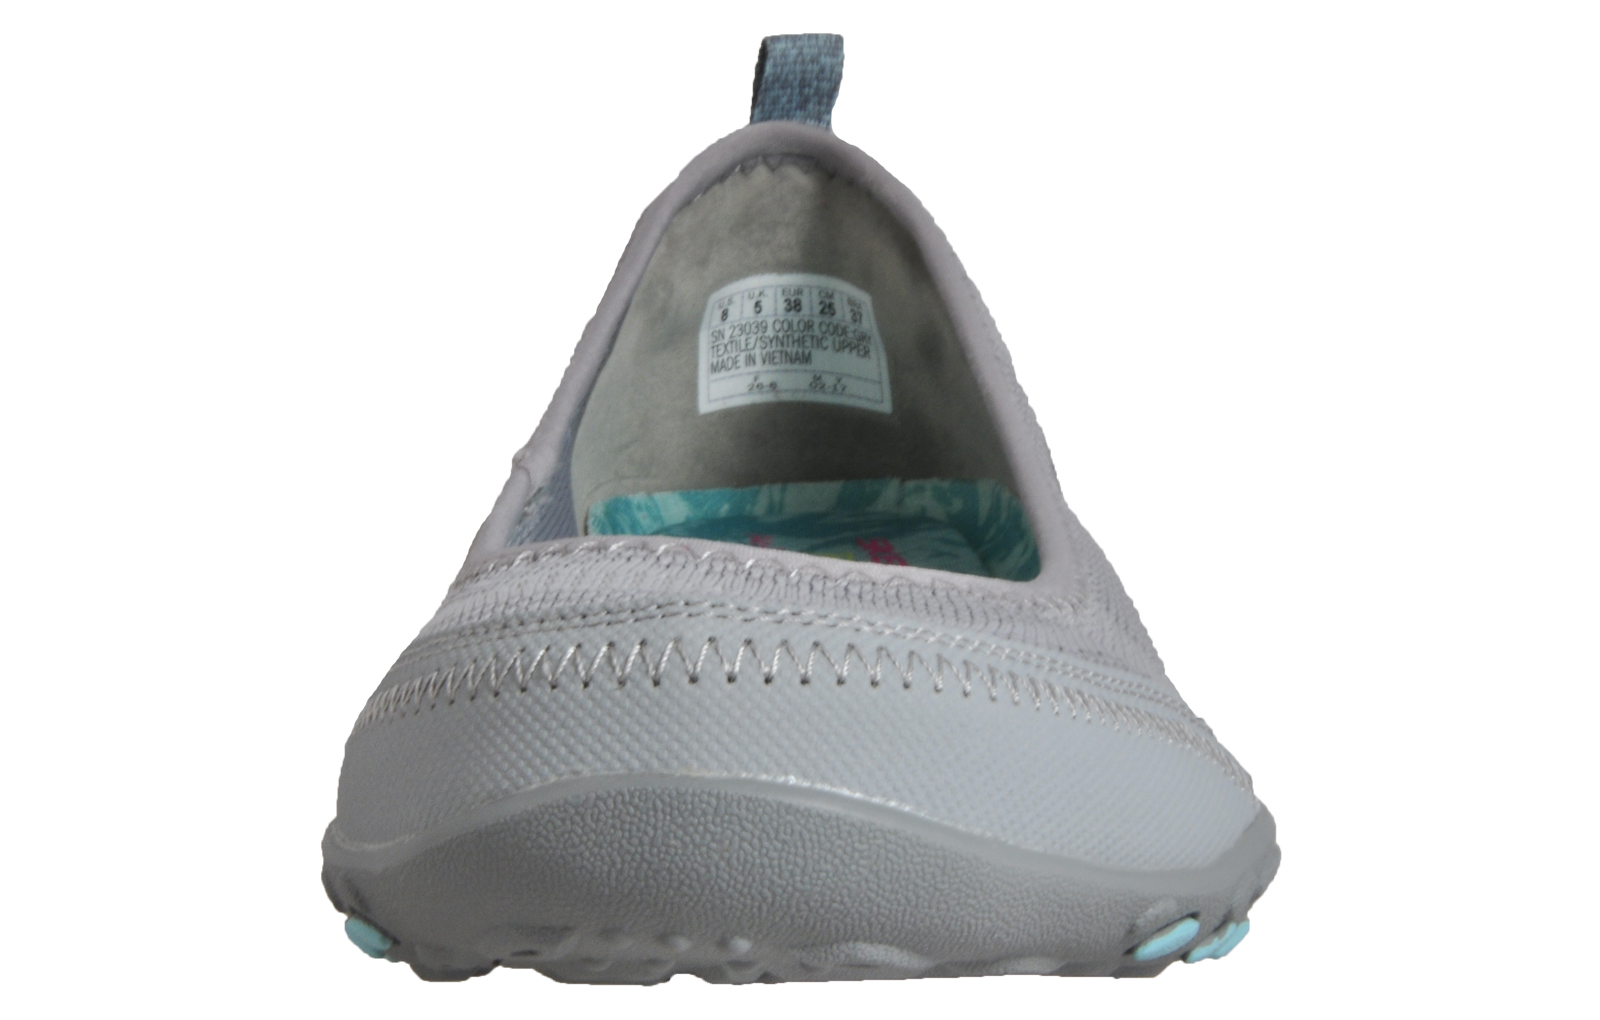 a4a9b3f87a4 Skechers Breathe Easy Women s Memory Foam Casual Slip on Shoes Pumps Grey